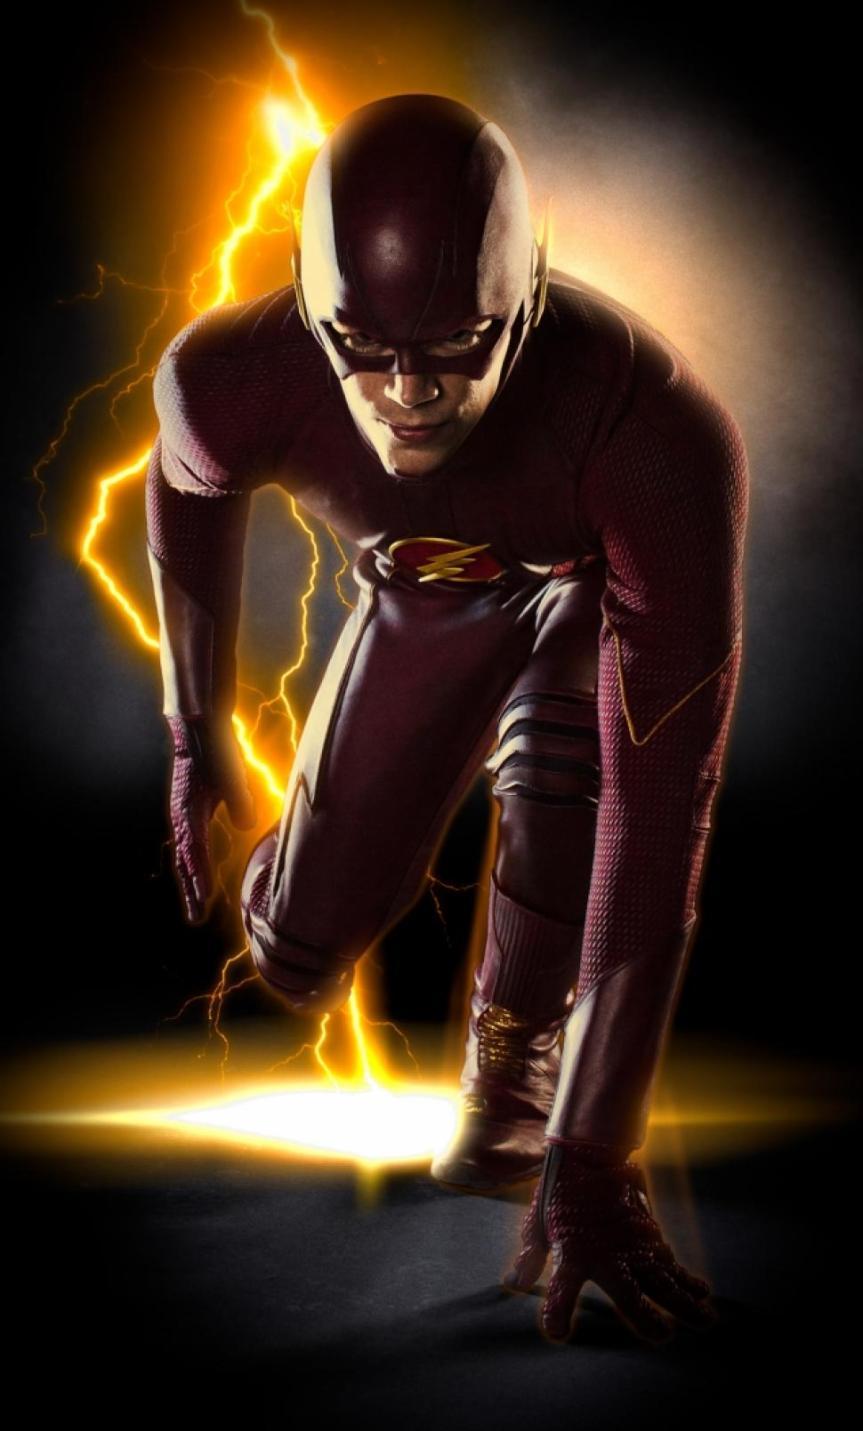 The Flash Speeds toSuccess